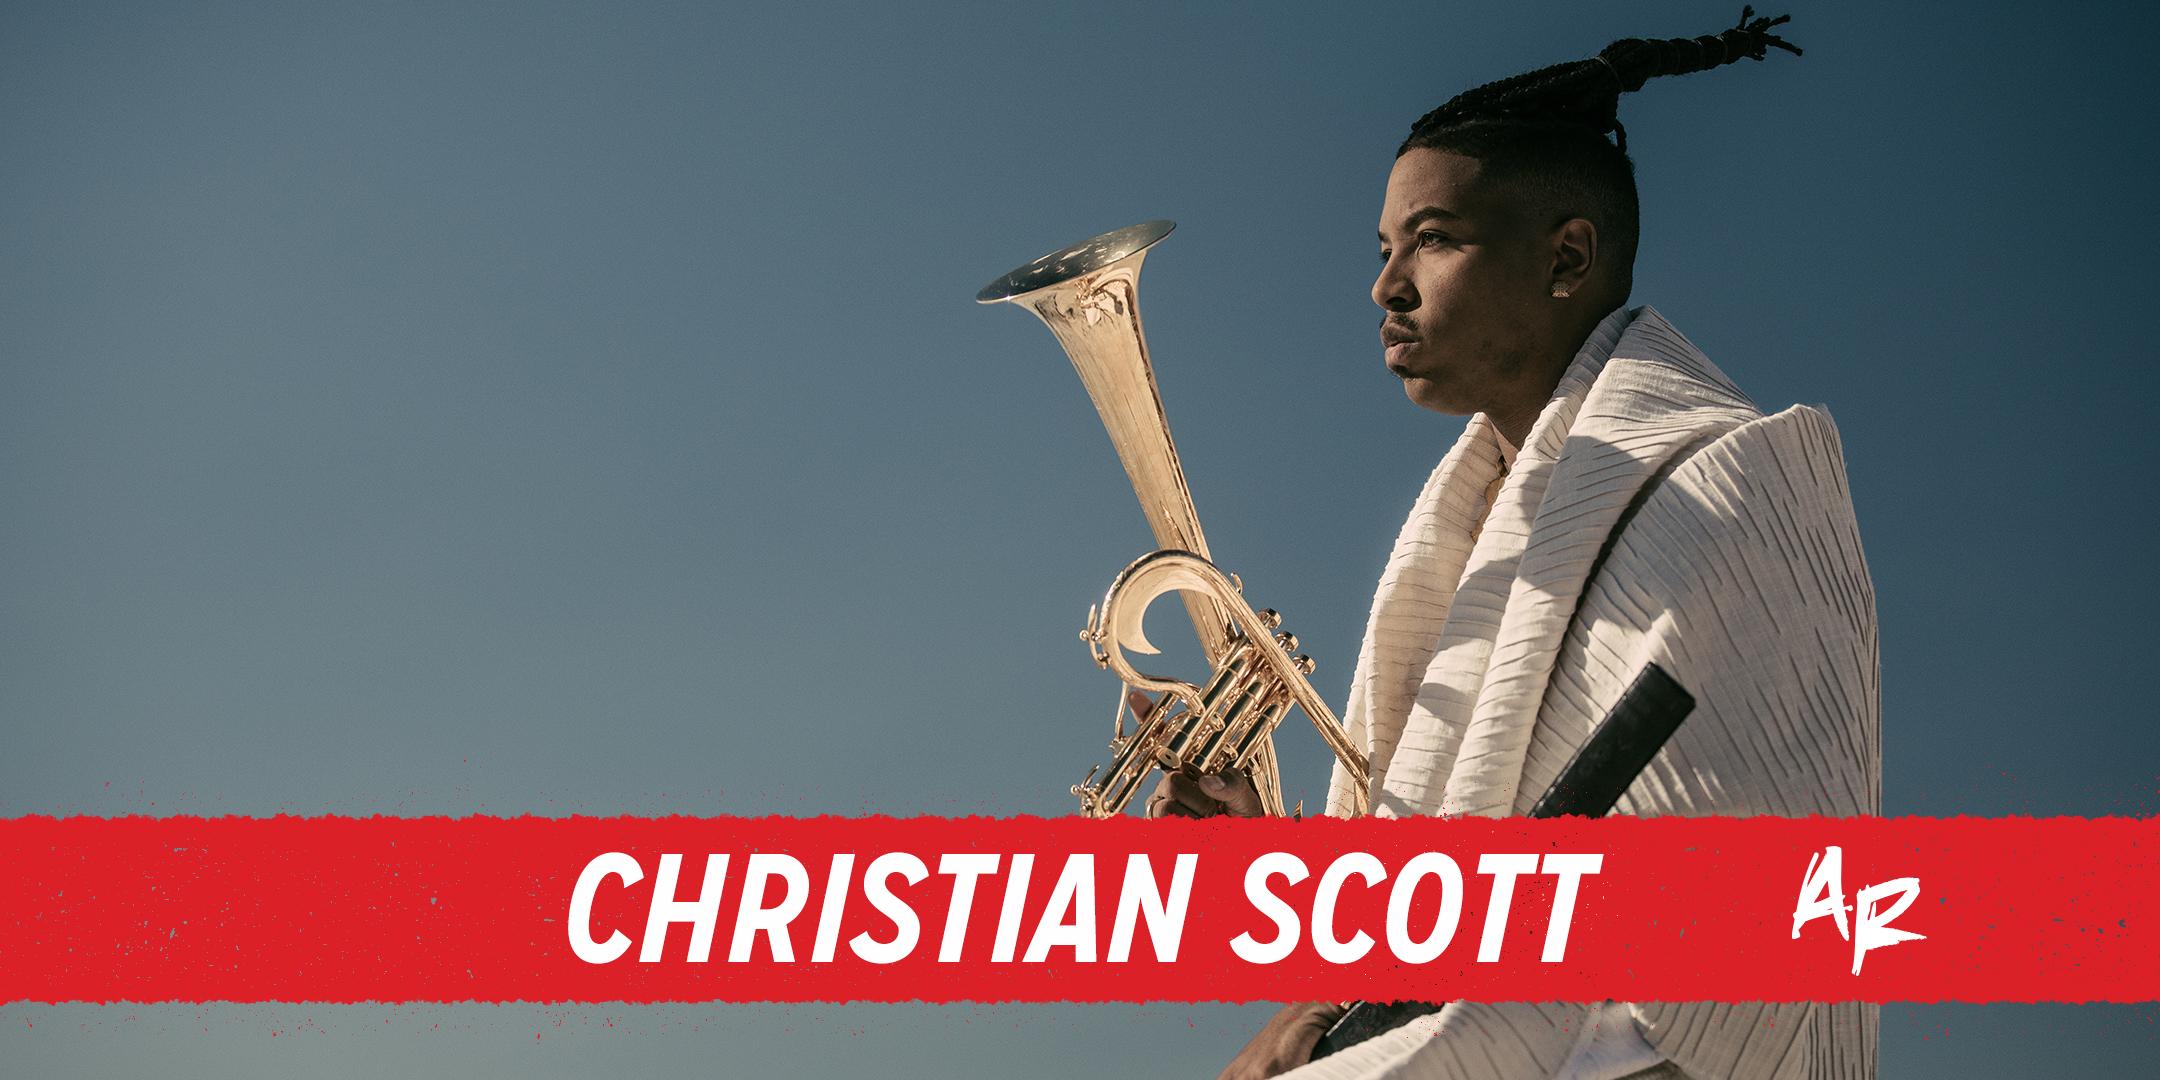 ChristianScottBanner.jpg